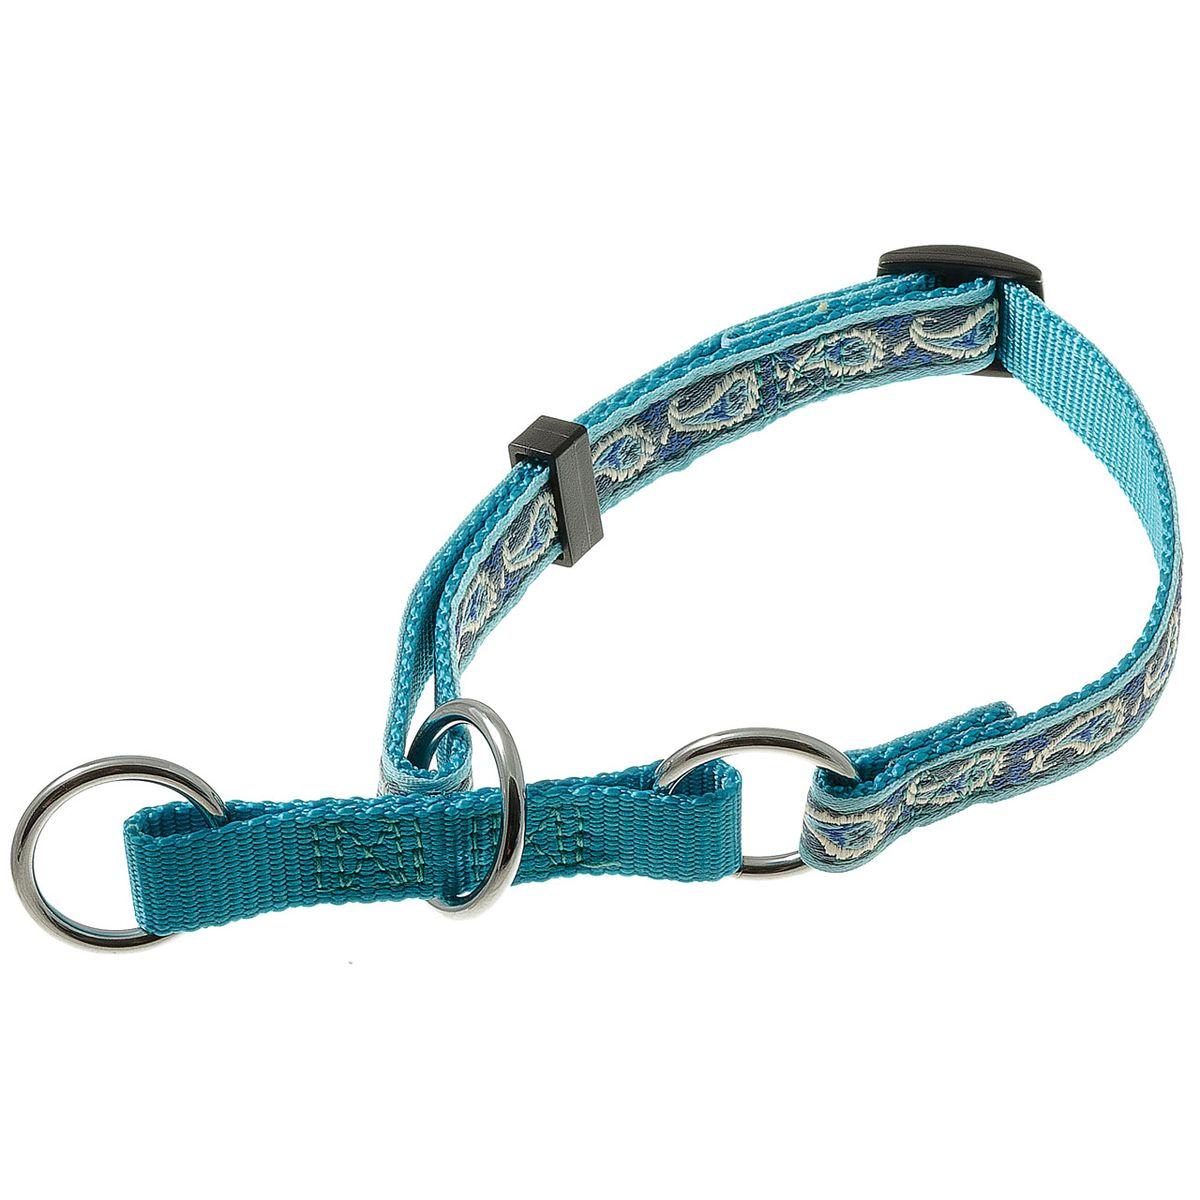 Ошейник для собак V.I.Pet, цвет: голубой, ширина 15 мм, обхват шеи 23-43 см75-2514Удавкой V.I.Pet удобно пользоваться вместо рывковой цепочки, если собаке не требуется чрезмерно жестких воздействий - для коррекции поведения собаки и при спортивной дрессировке. Также ее можно использовать как обычный прогулочный ошейник.